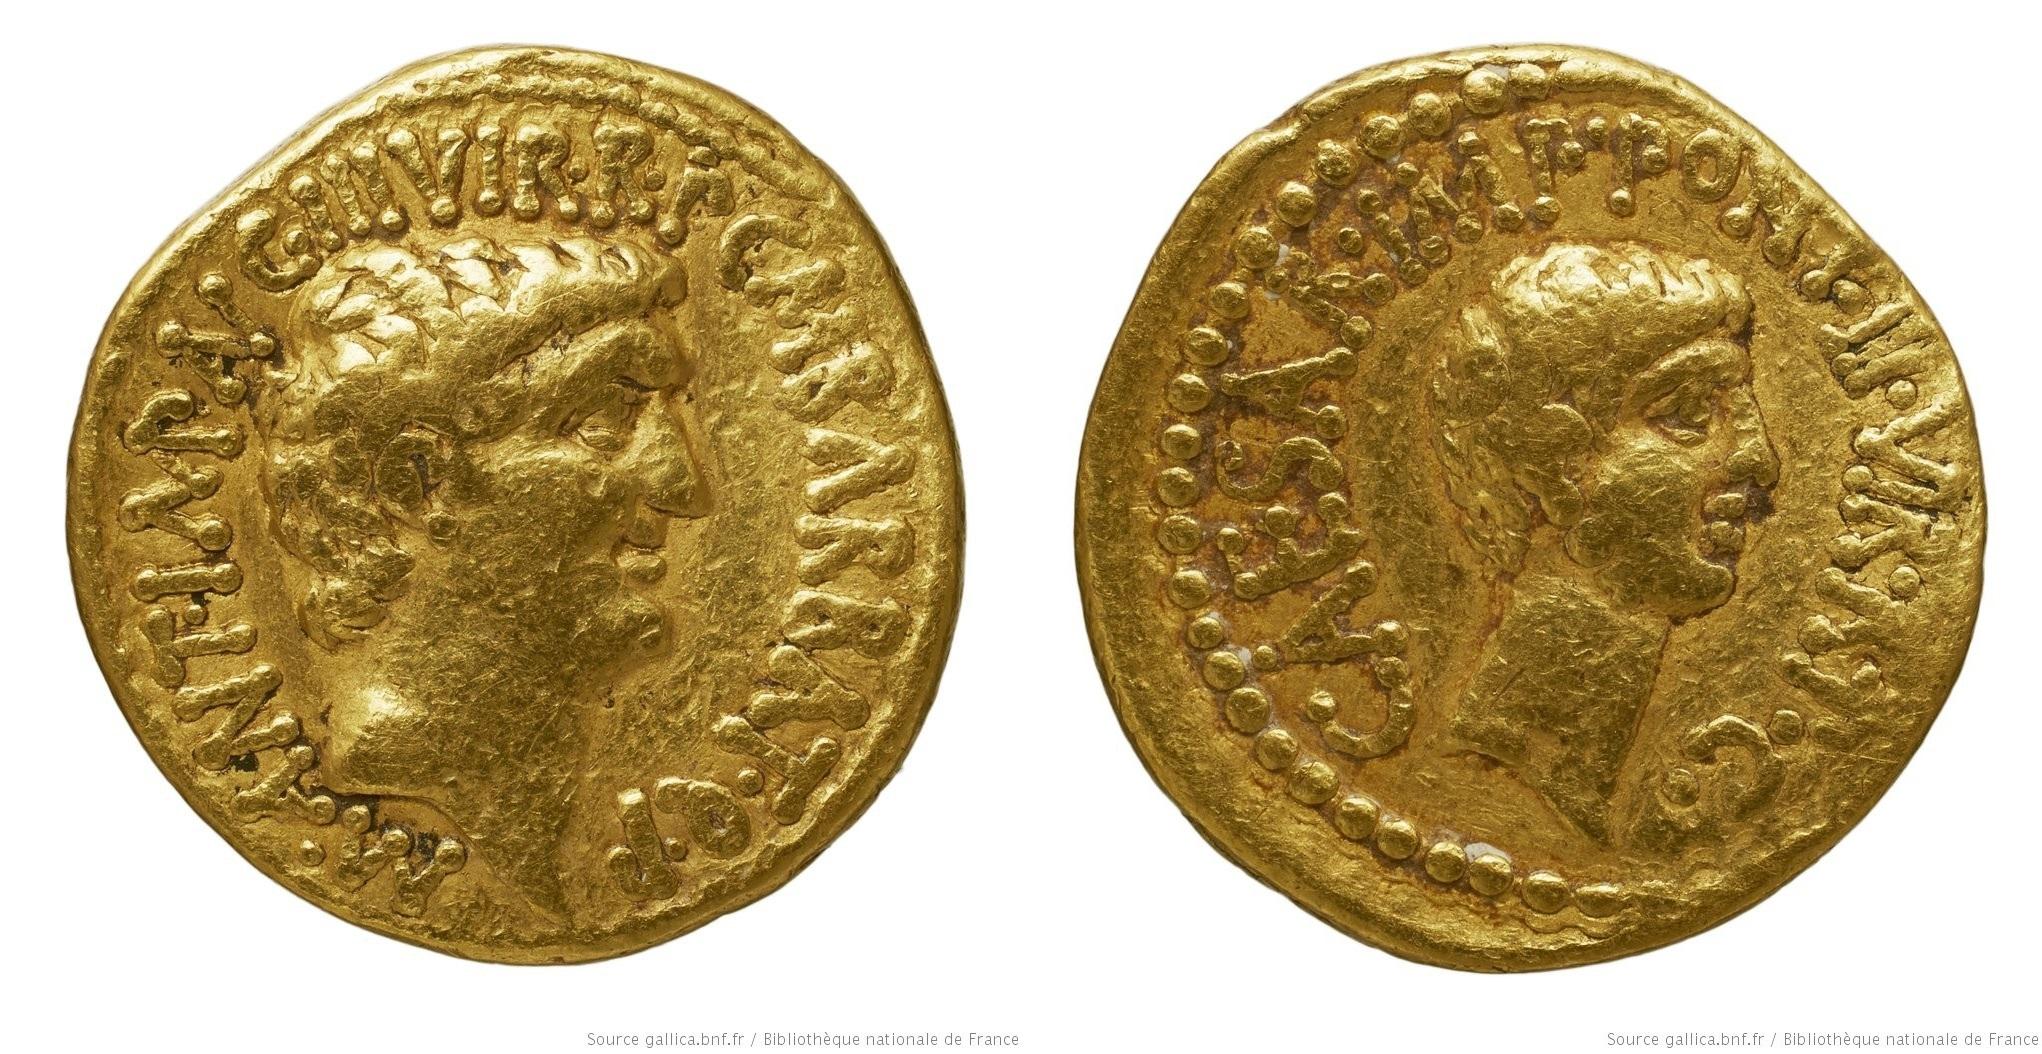 1685AN – Aureus Marc Antoine et Octave – Marcus Antonius